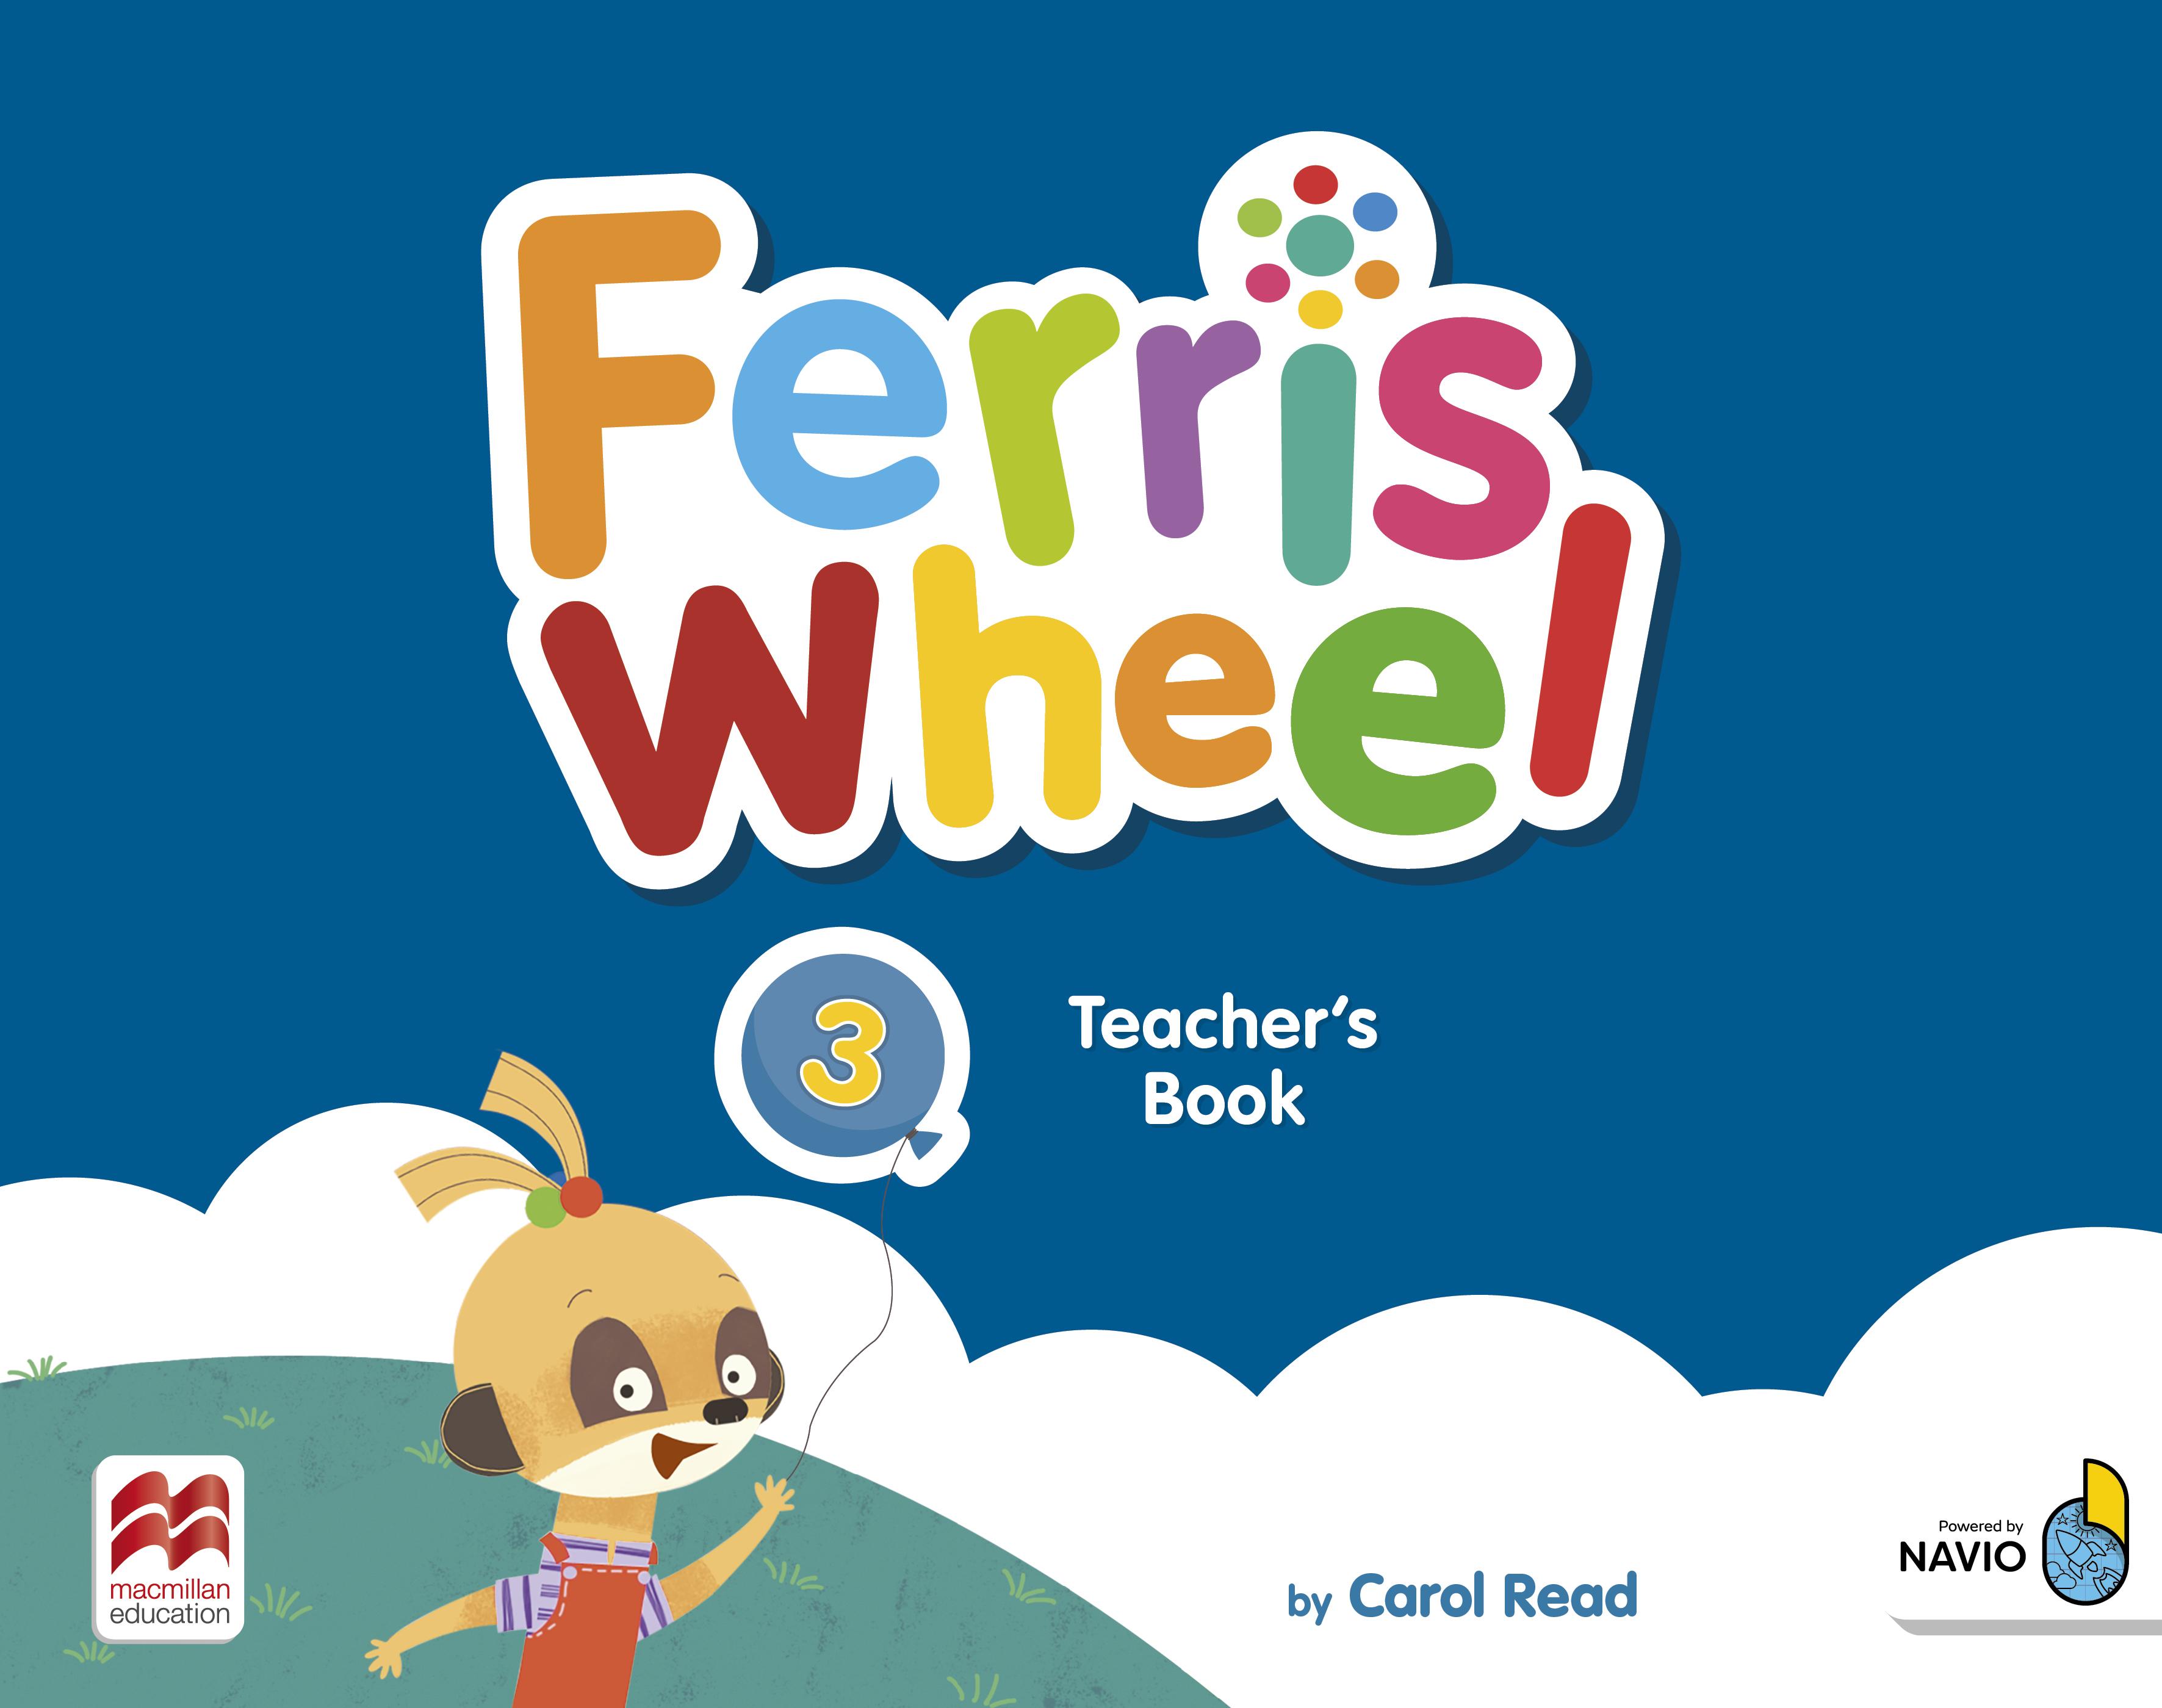 Ferris Wheel Level 3 Teacher